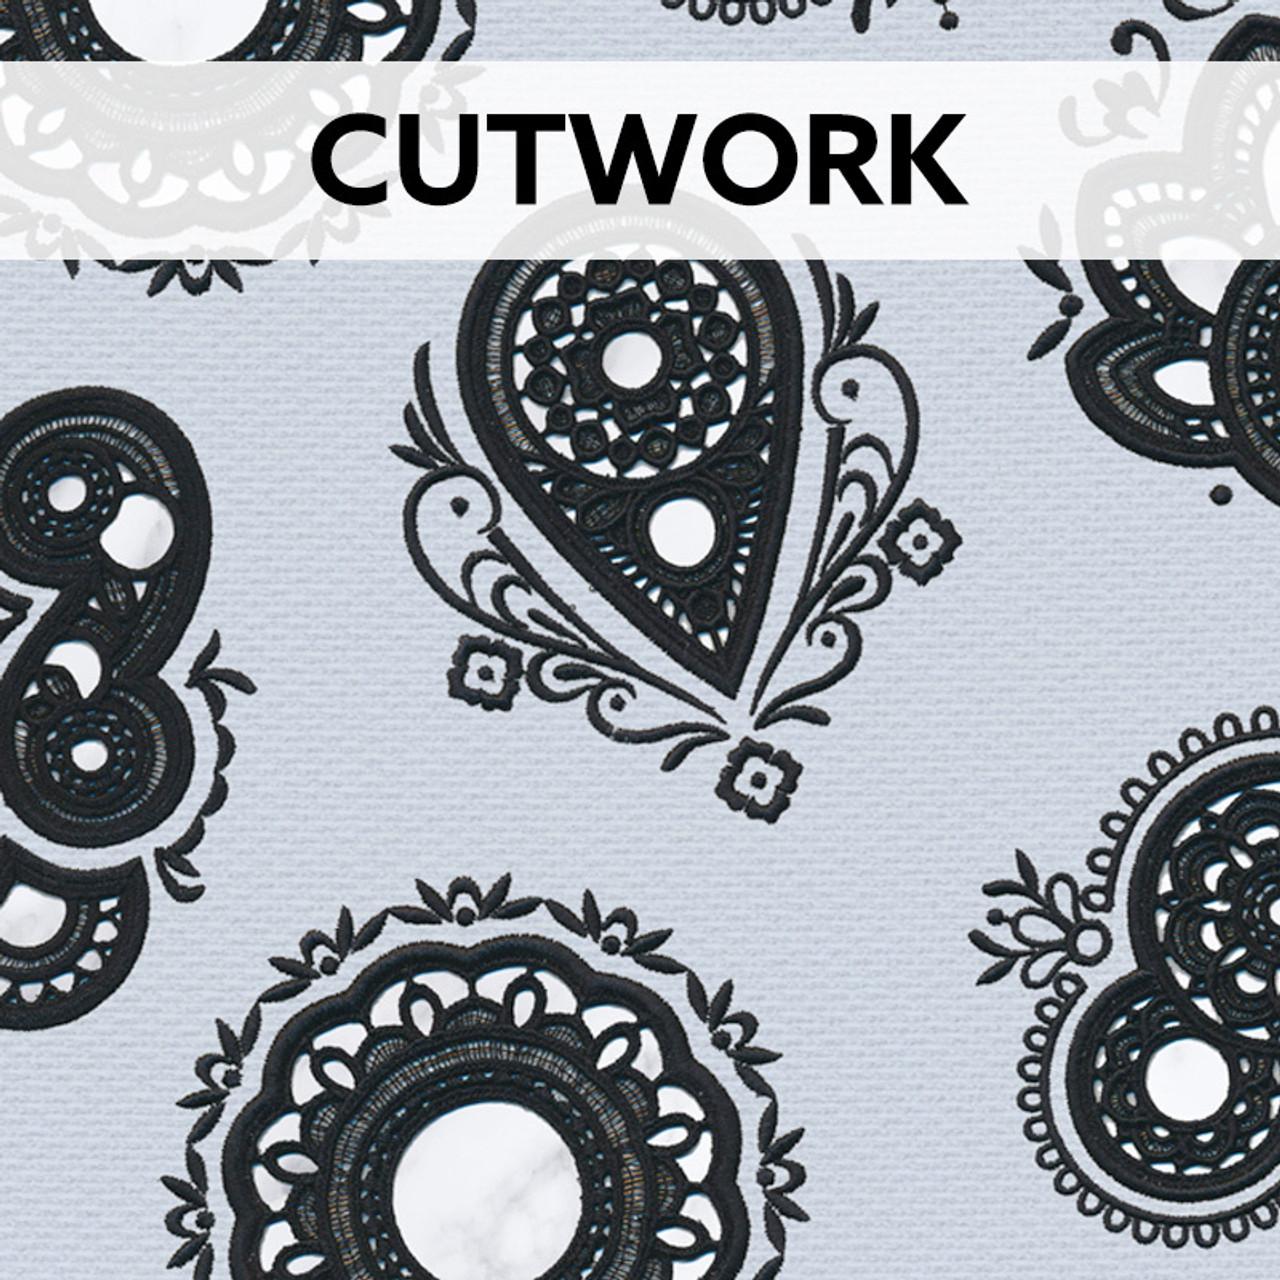 Cutwork